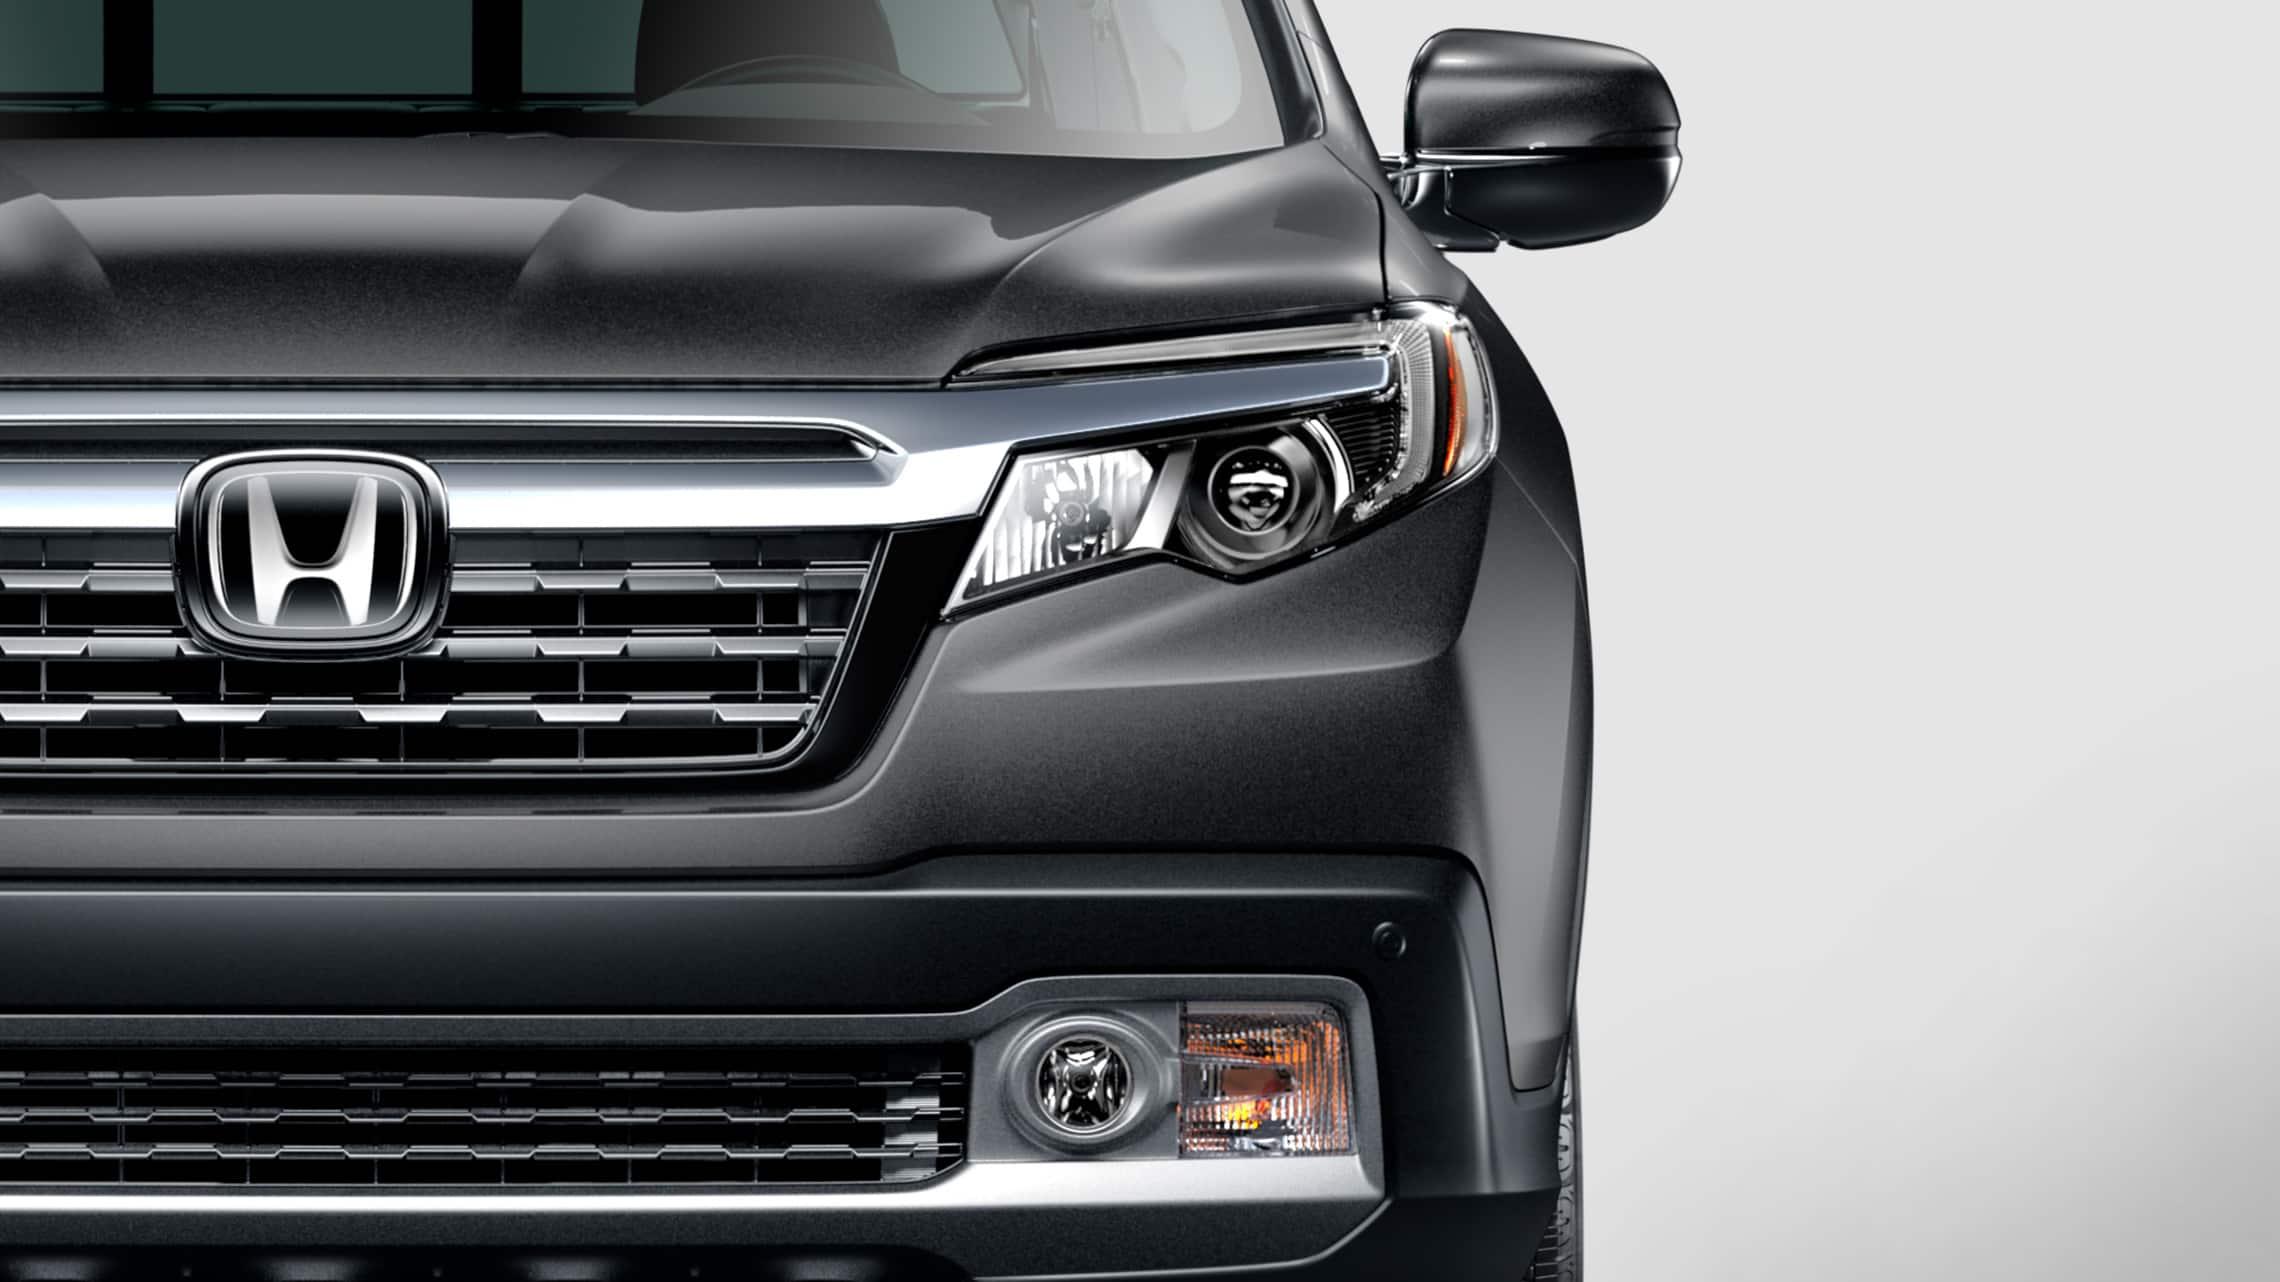 Detalle de las luces delanteras de LED en la Honda Ridgeline RTL-E2020 en Modern Steel Metallic.